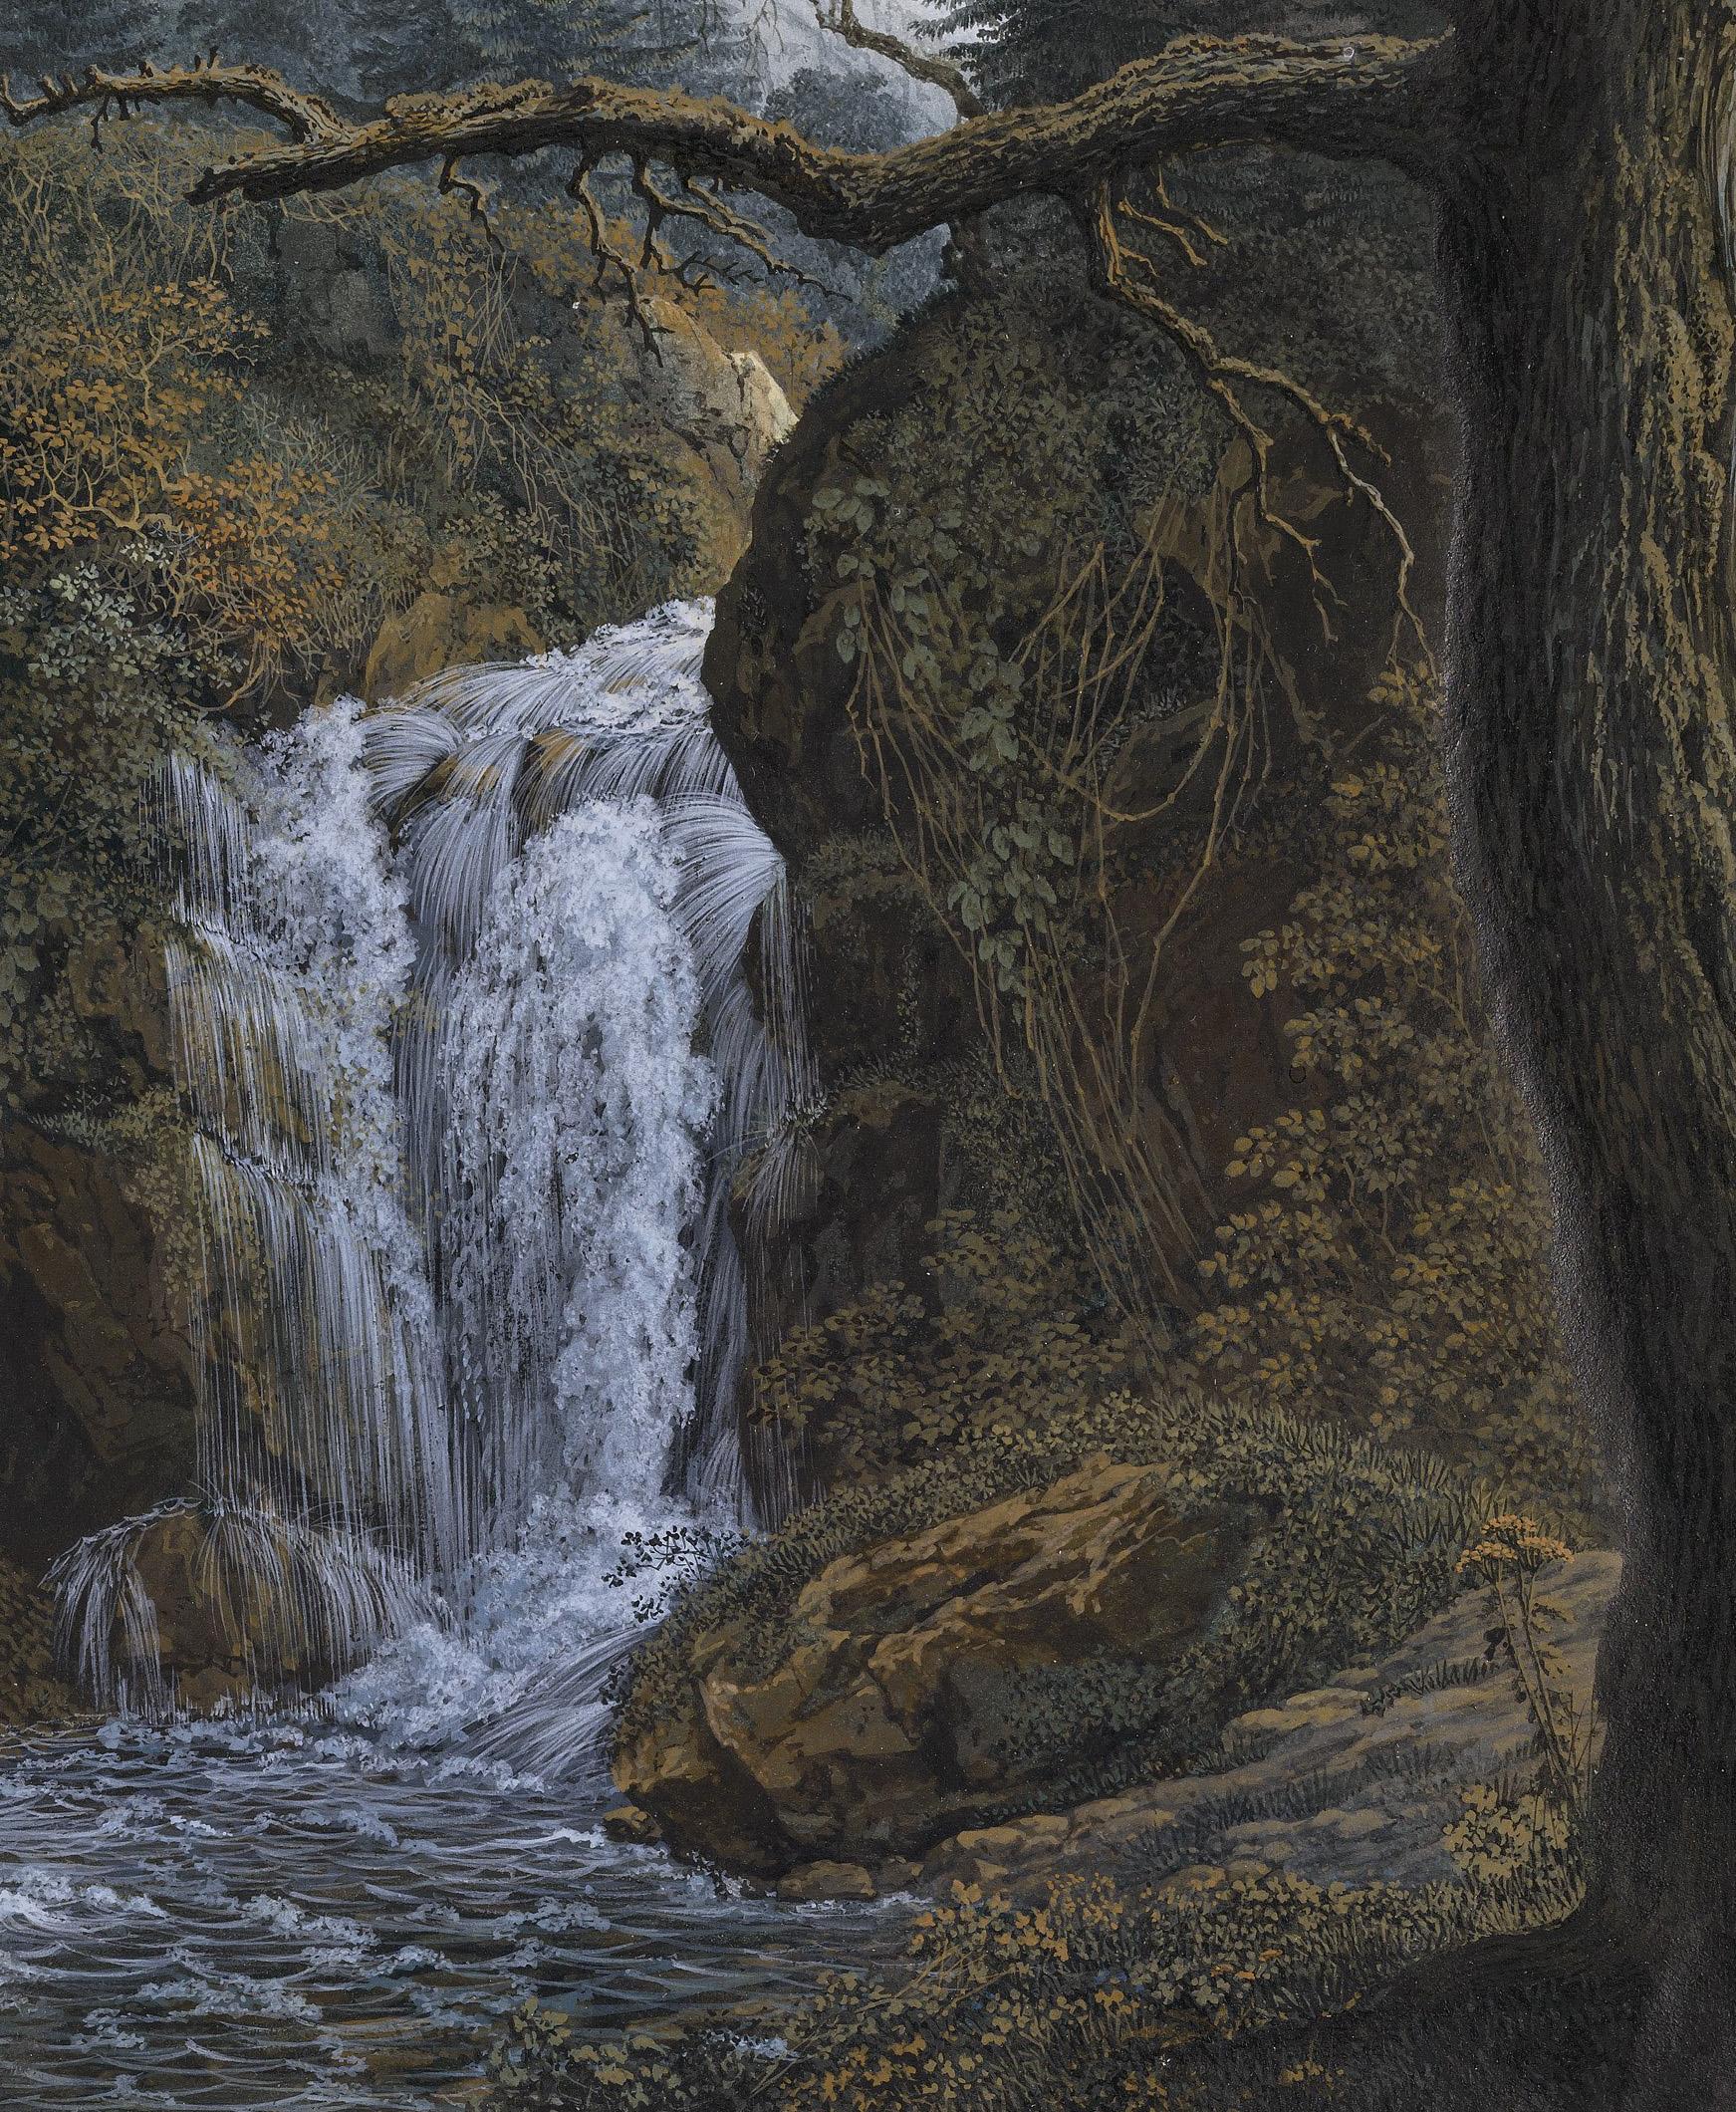 Carl Philipp Fohr (1795-1818): Der Wasserfall von Geroldsau, genannt die Bütte, Winter 1814/1815. Gouache, Aquarell, Deckweiß über Spuren von Bleistift, 188 x 155 mm. Privatsammlung. Foto: Johannes von Mallinckrodt, London